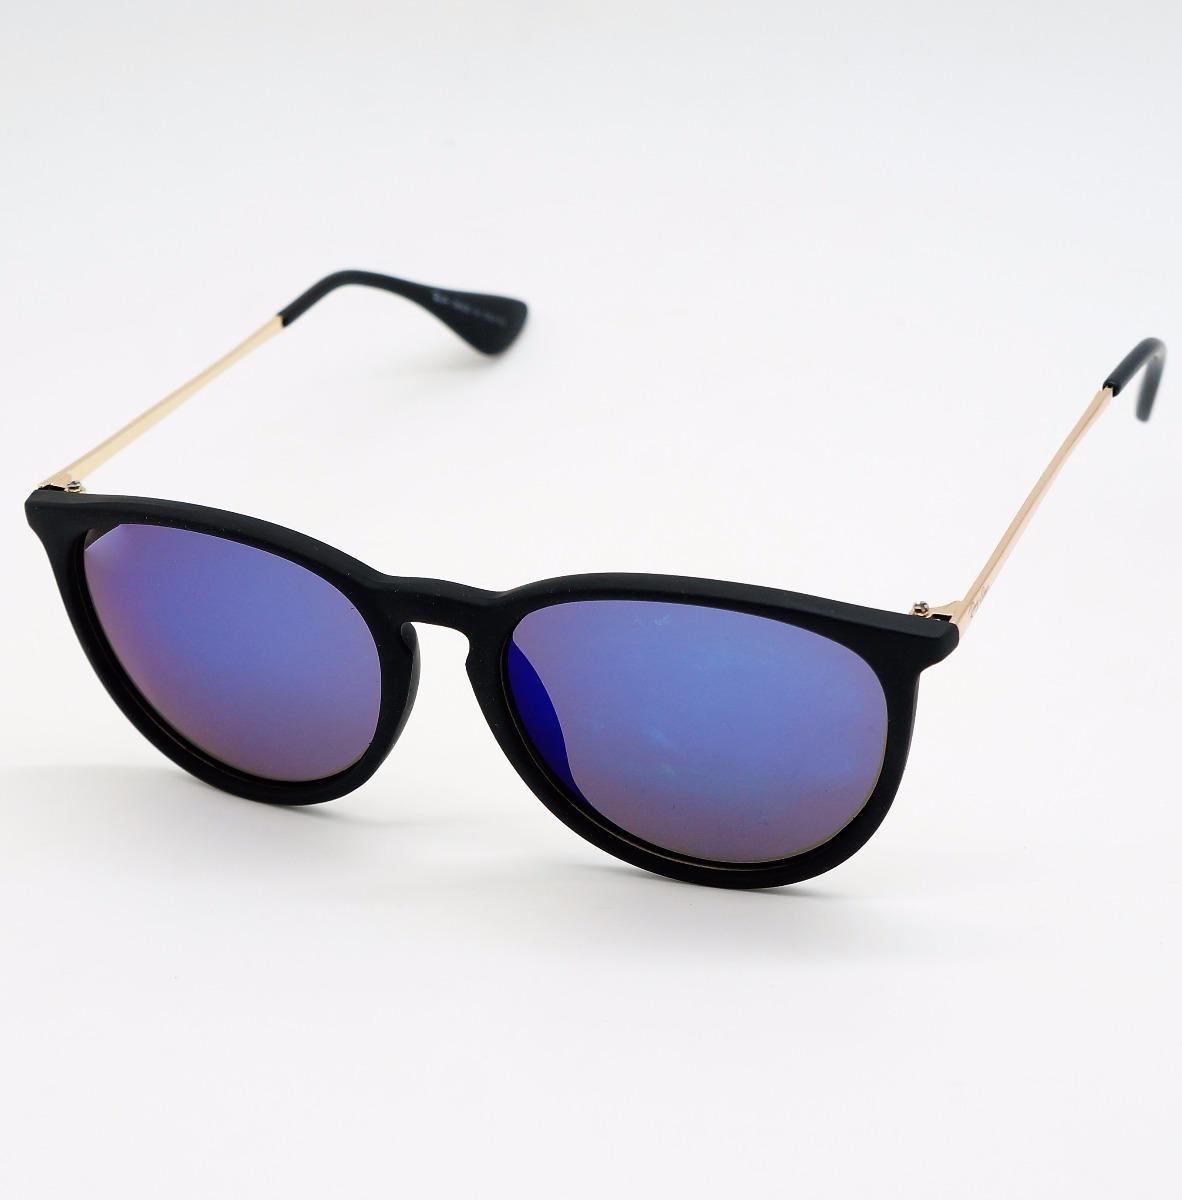 d5e4fa6839b6b óculos masculino redondo érica preto azul espelhad polarid. Carregando zoom.